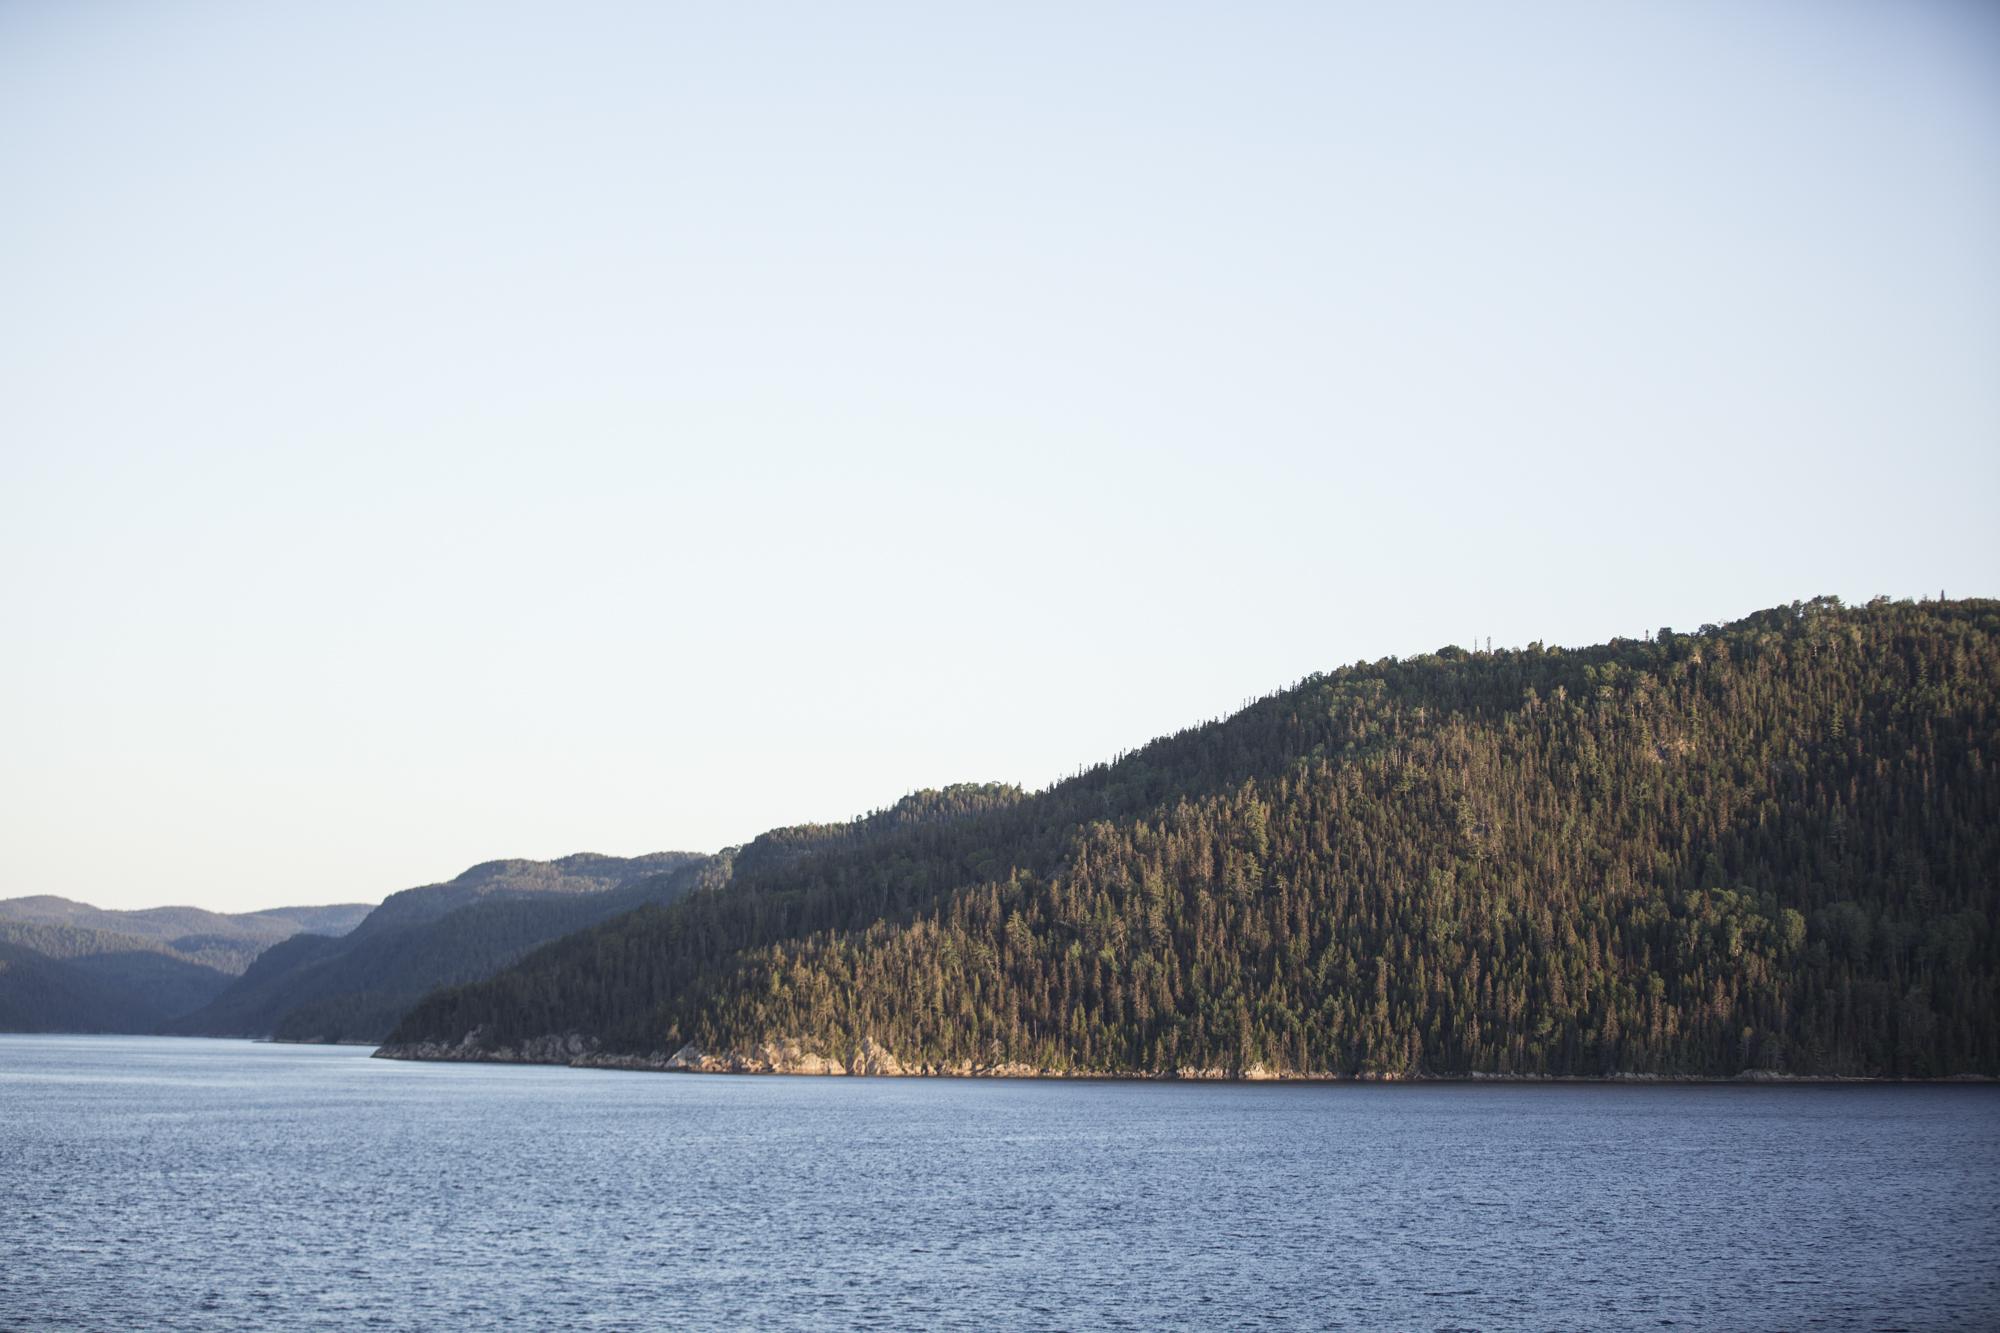 Sunrise landscape shot while on the Beluga boardwalk.